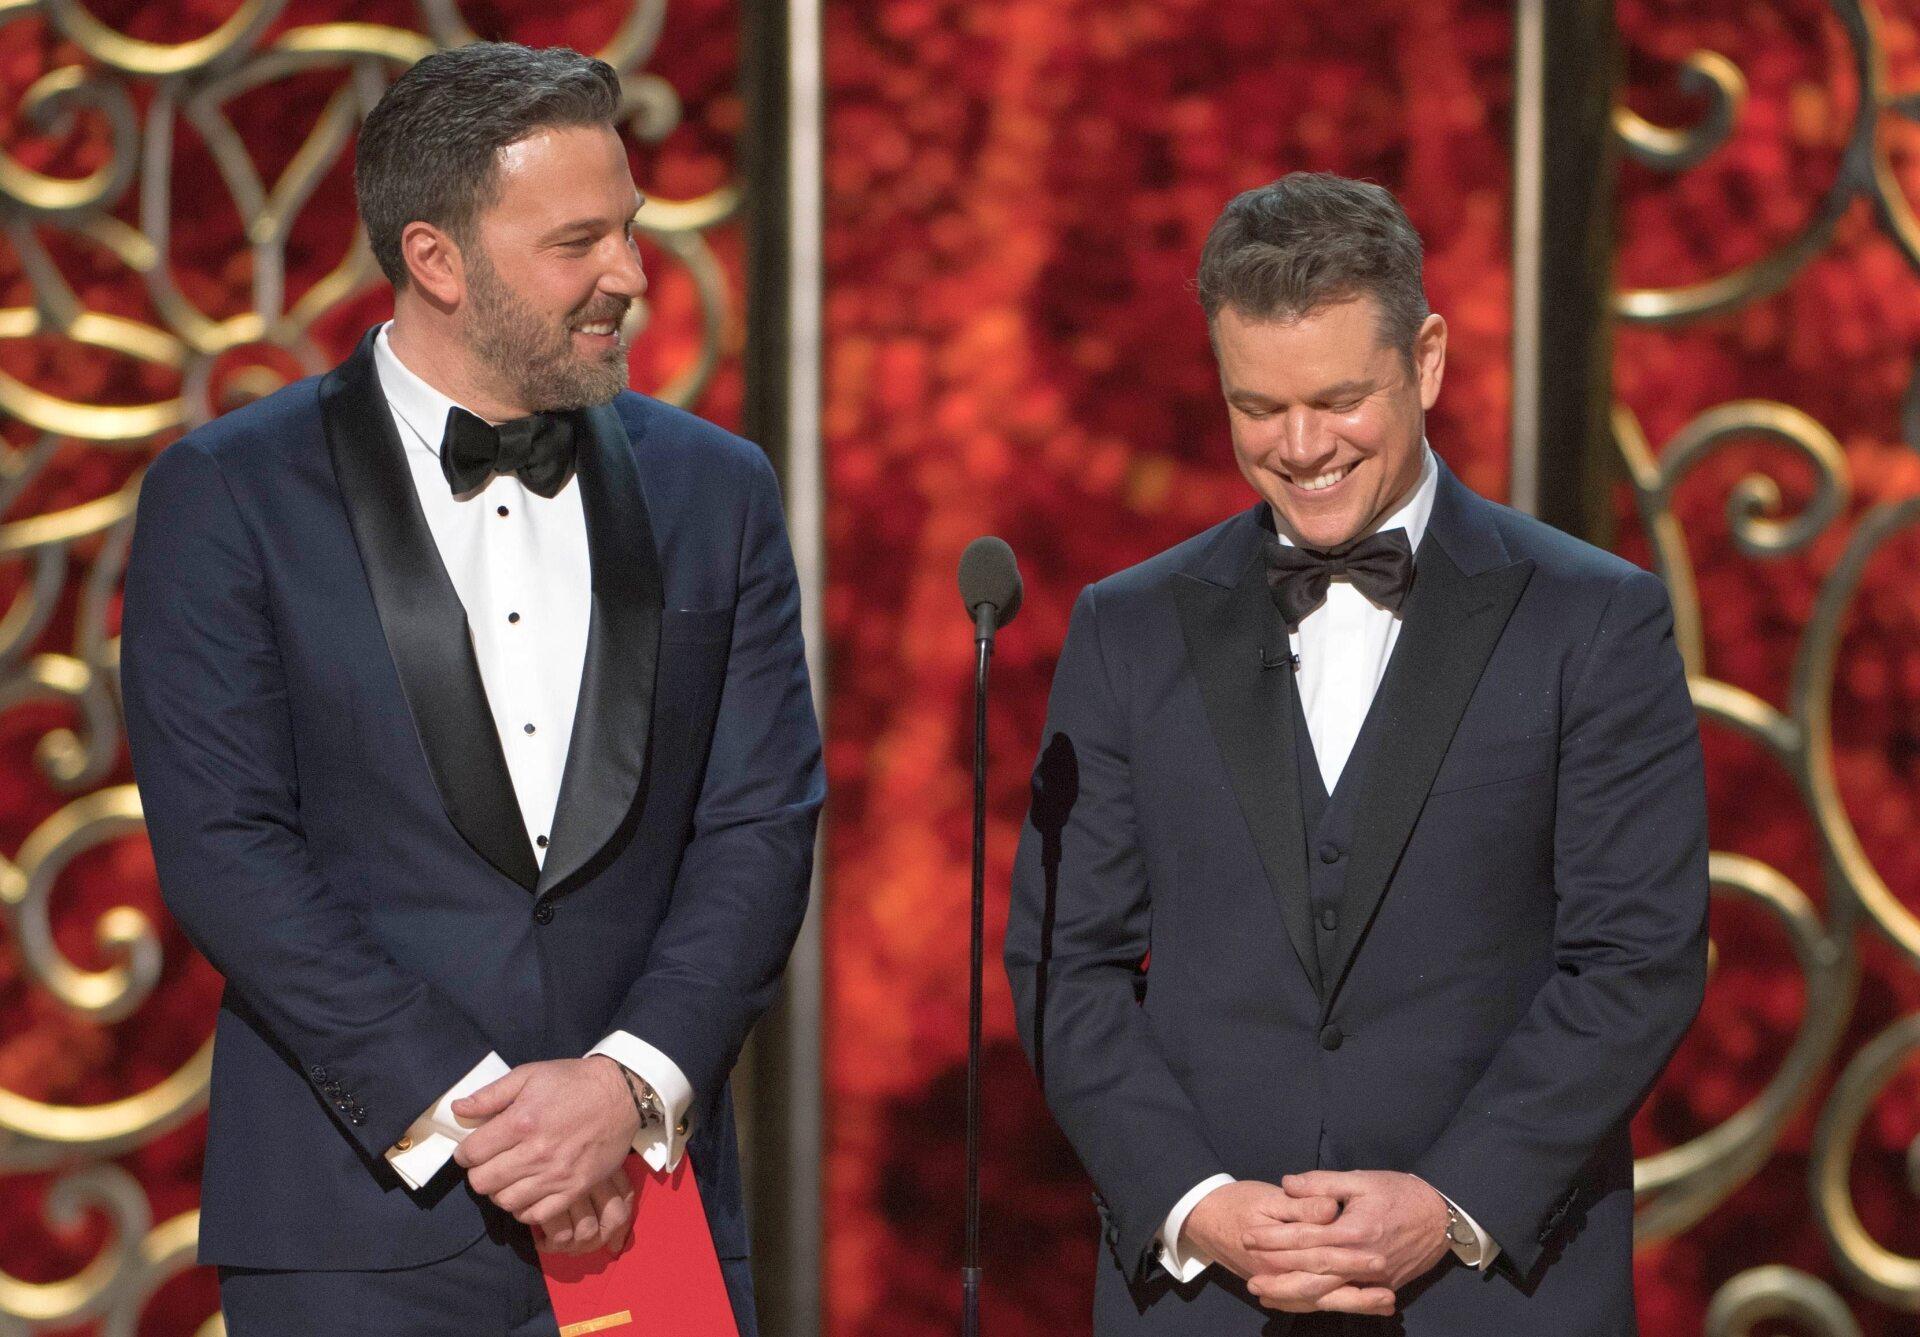 Od lewej: Ben Affleck i Matt Damon na 89. ceremonii rozdania Oscarów